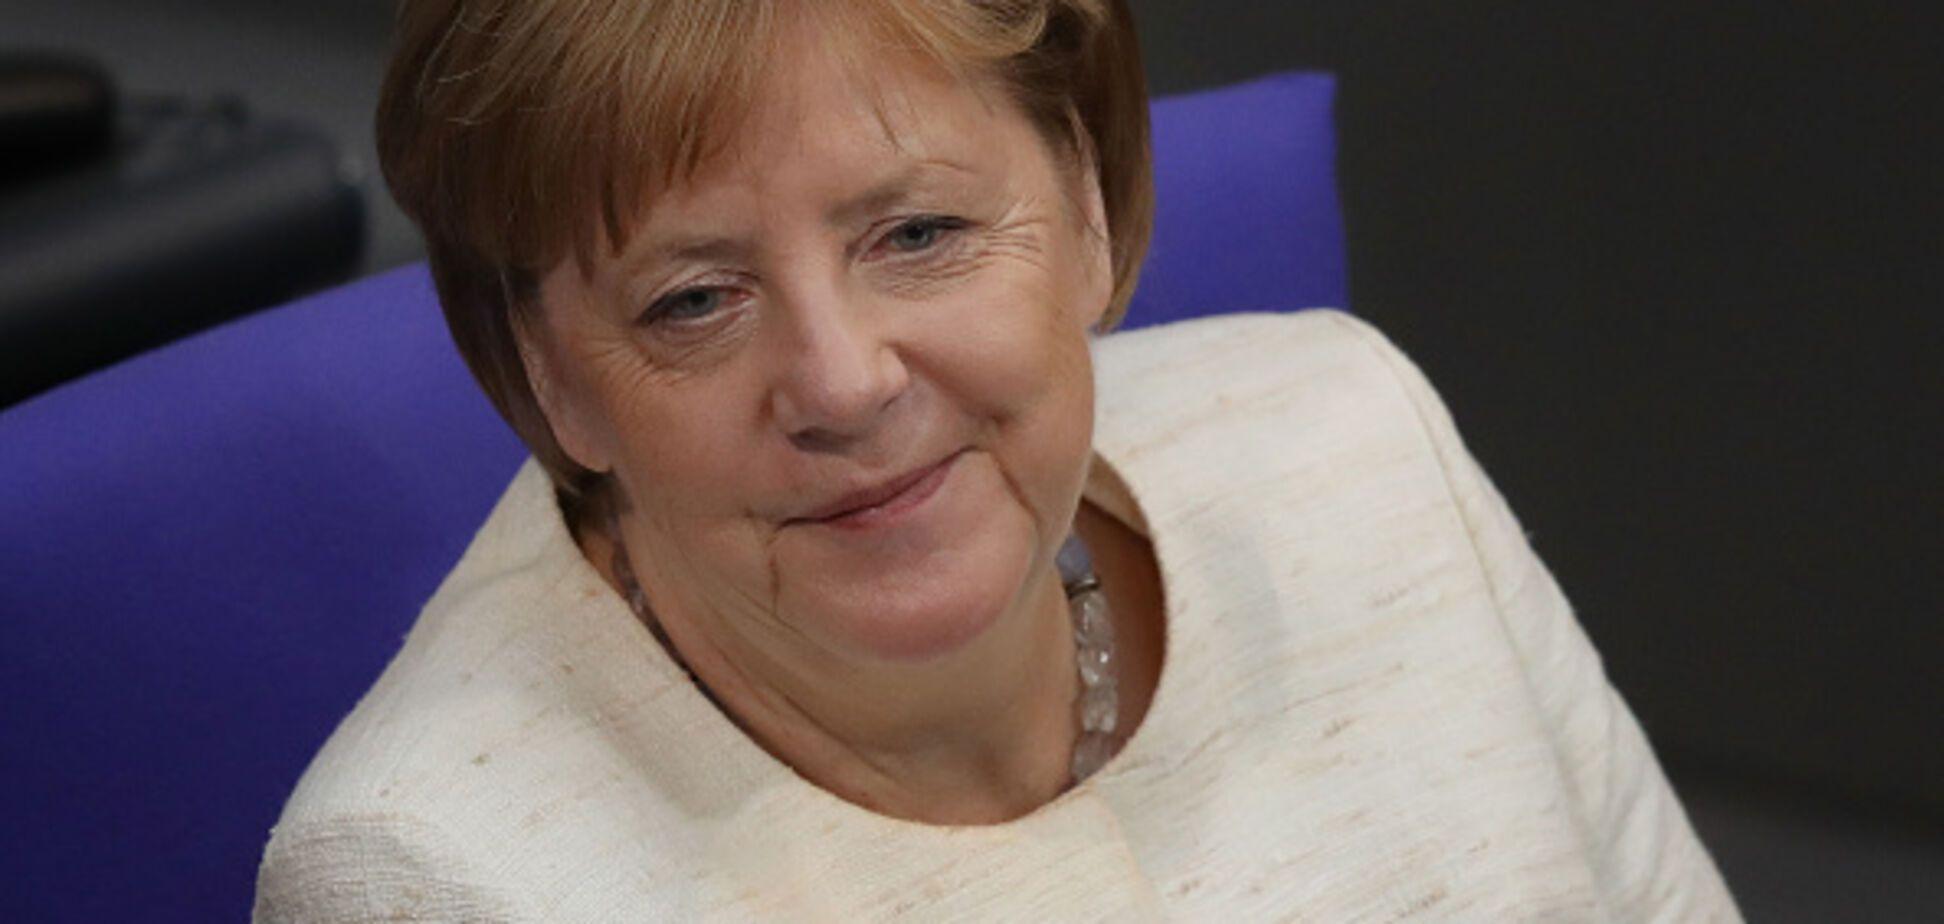 'Секс ведмедів': у мережі спливло курйозне фото з Меркель